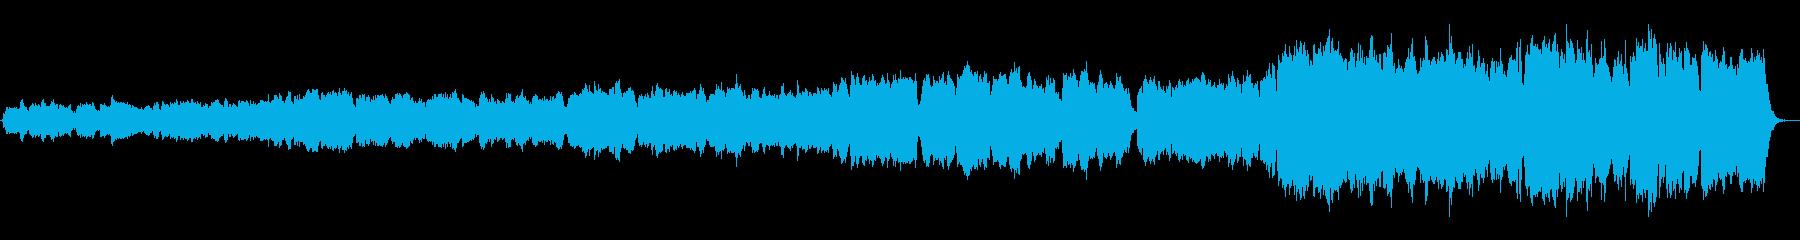 展開部があるパイプオルガン前奏曲の再生済みの波形